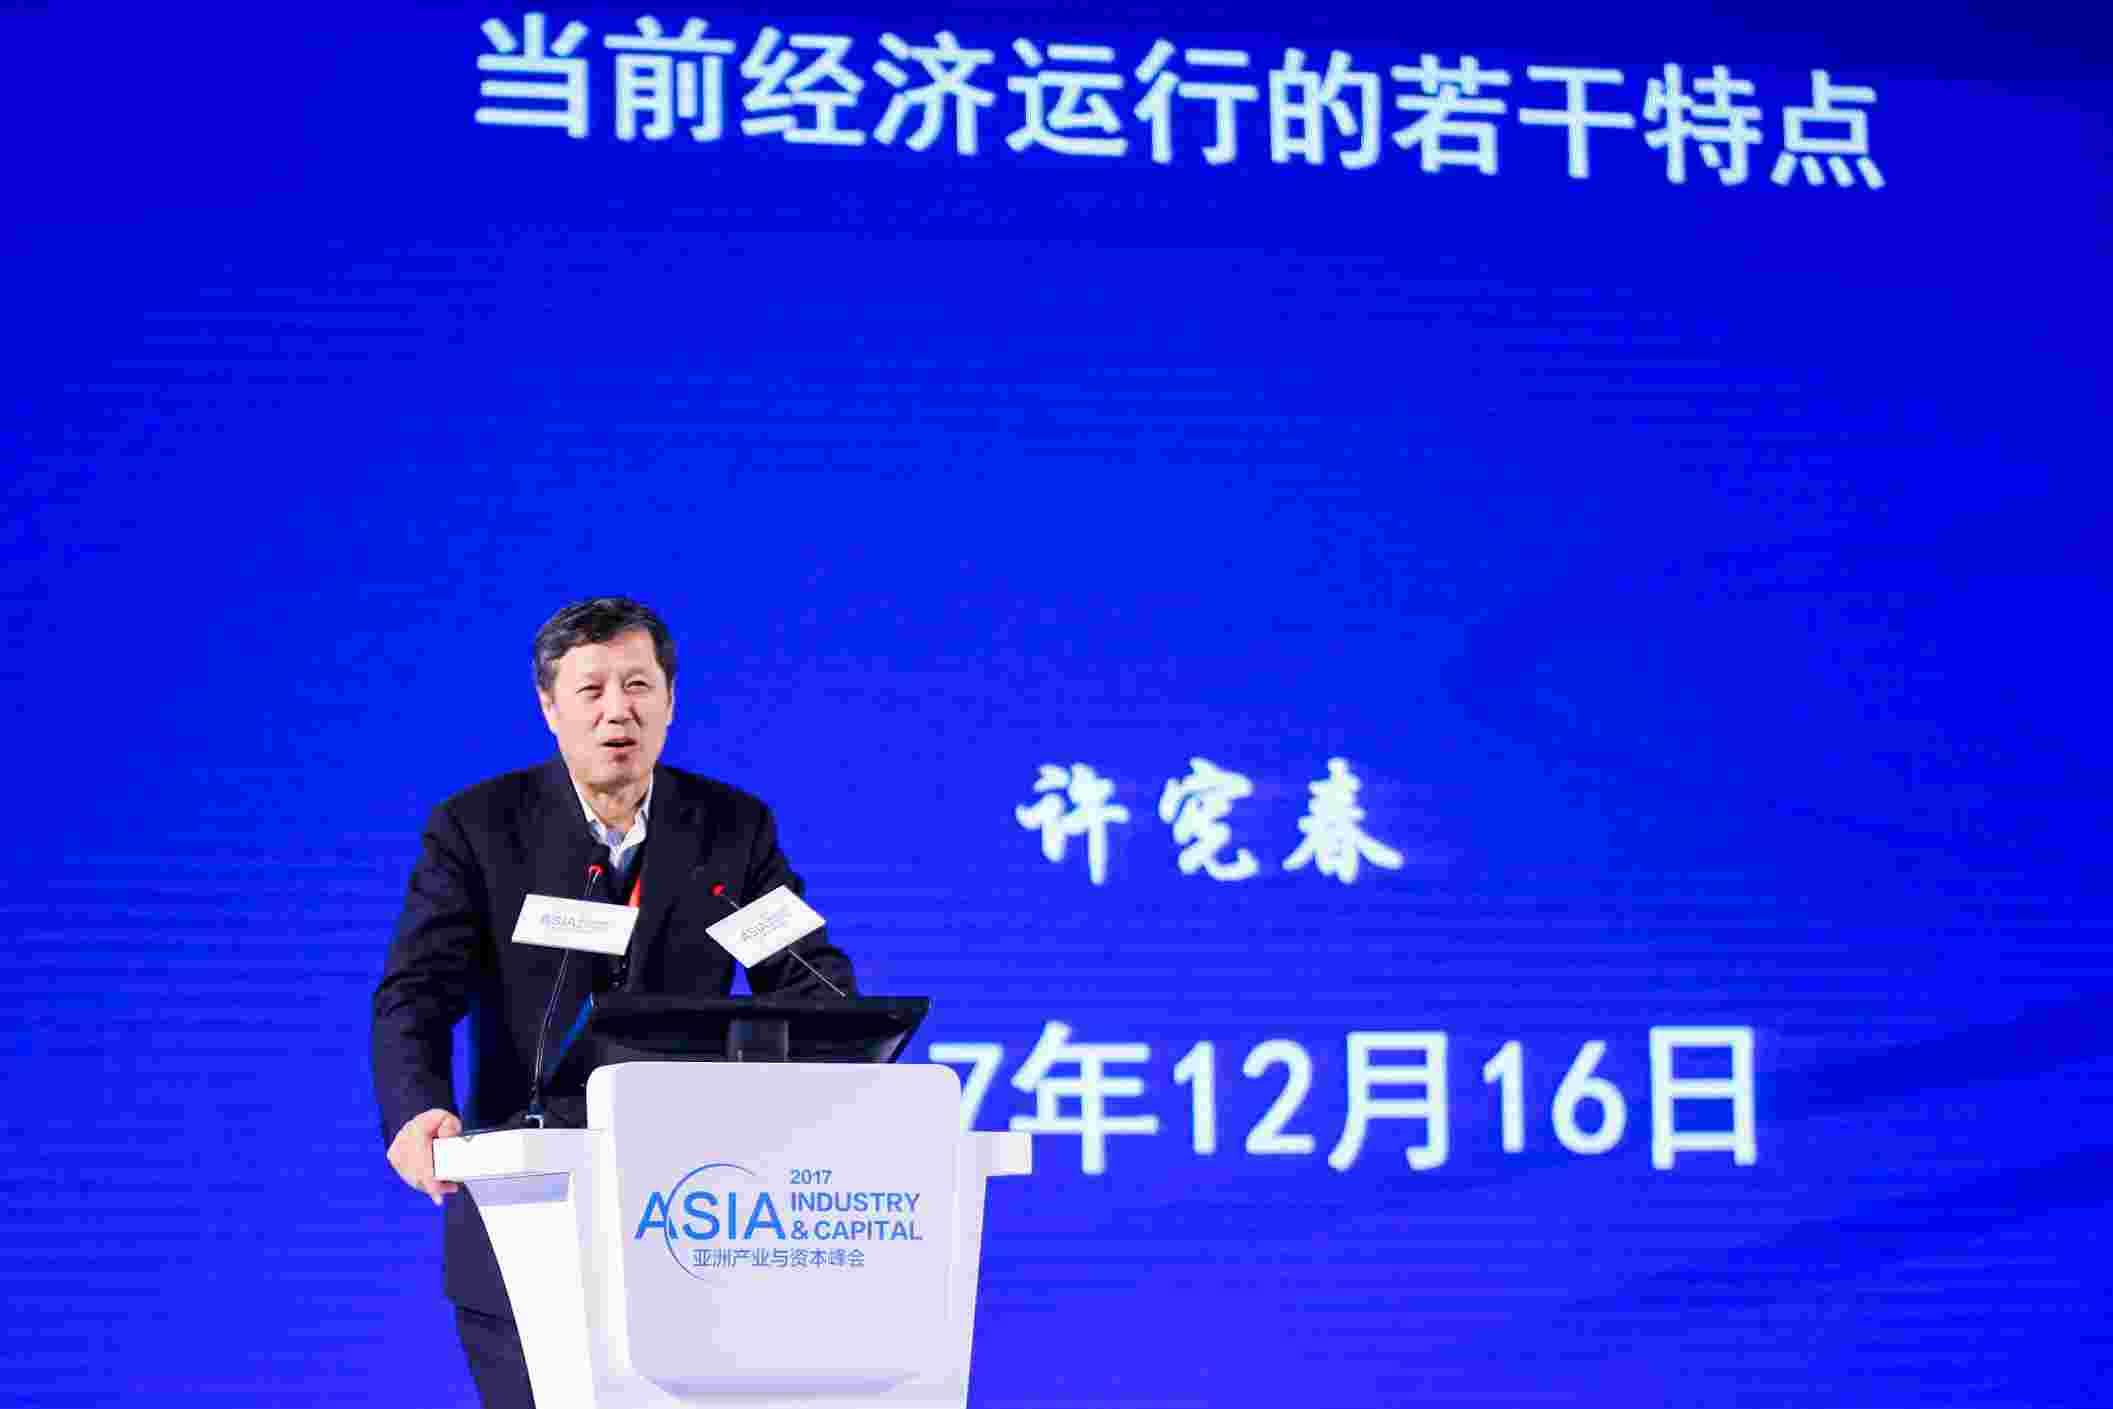 国家统计局原副局长许宪春:新经济体量越大 越有可能在更大程度上抵消传统经济下行压力